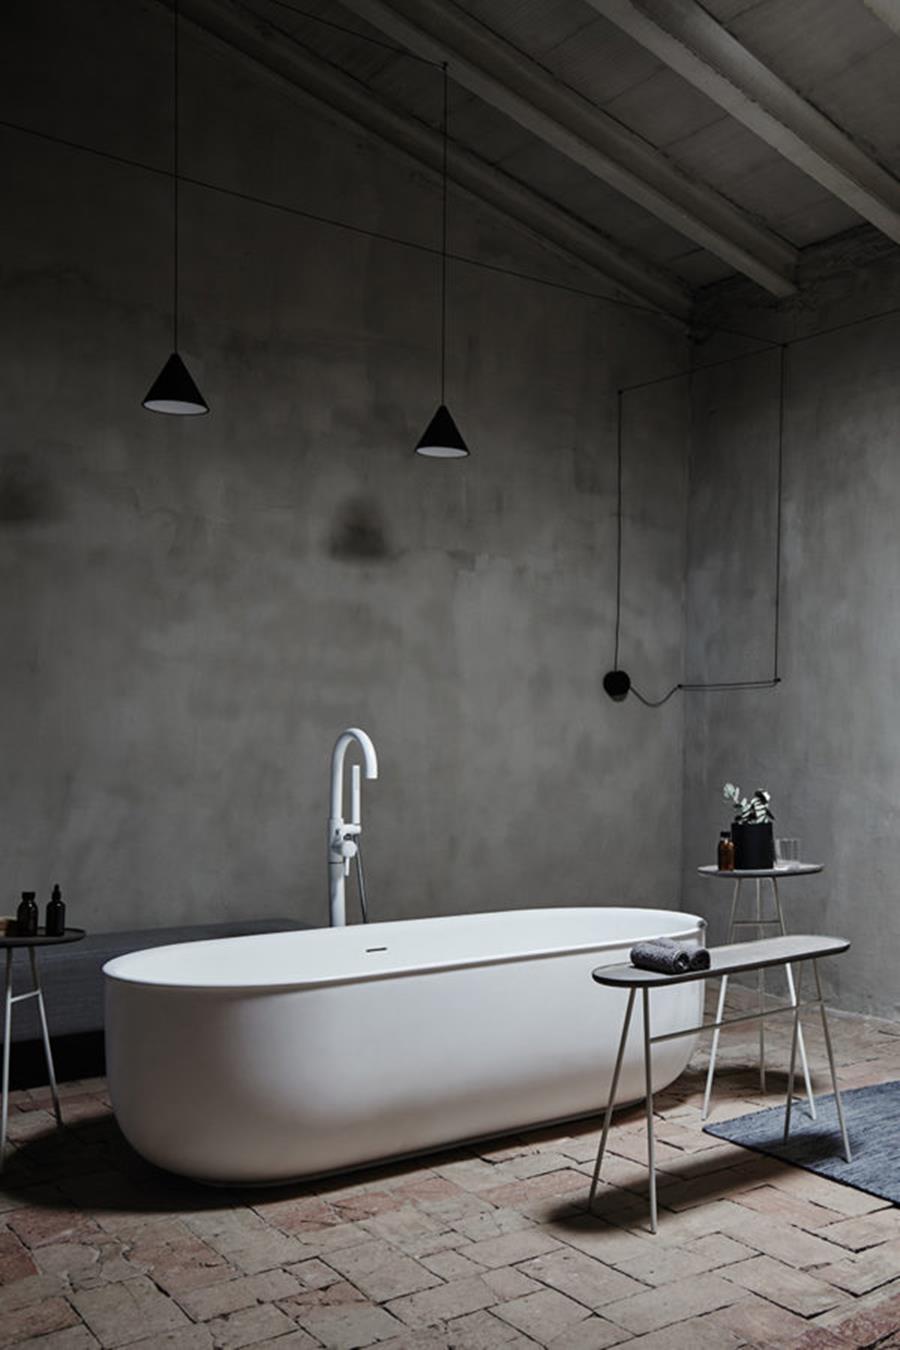 vasca da bagno design centro stanza in Solidsurface: Inbani